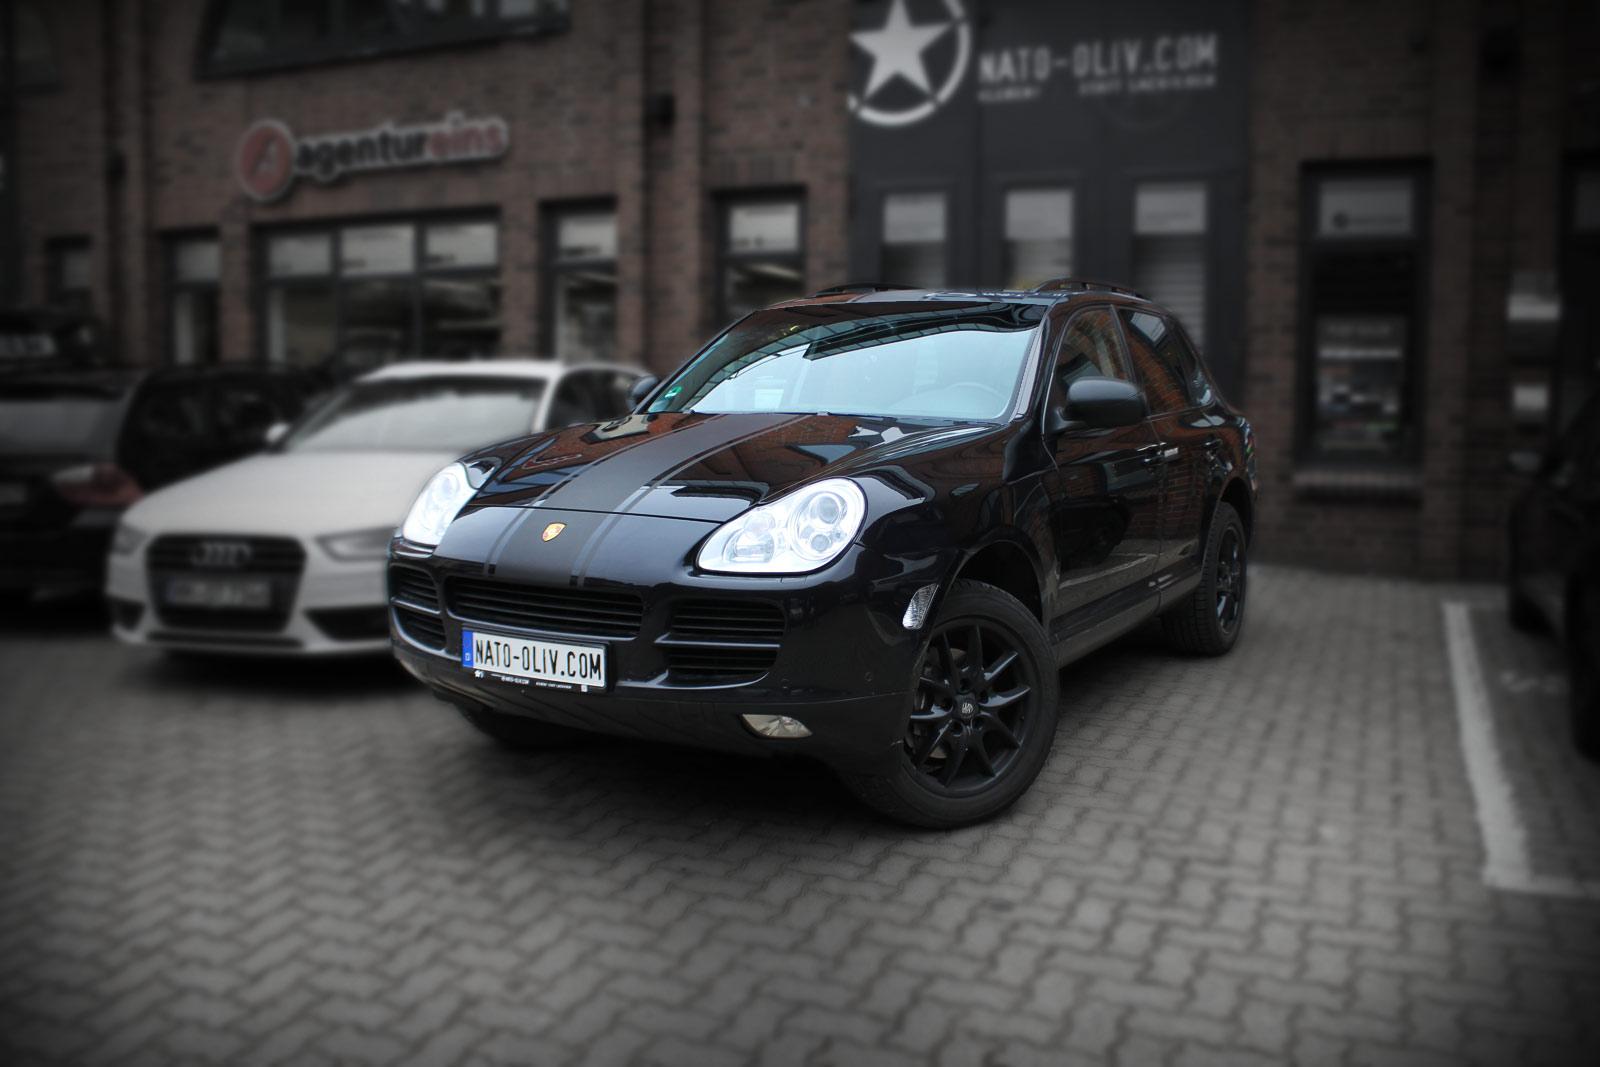 Porsche Cayenne Rallyestreifen Folierung in braun matt metallic und Spiegel in Carbonfolie.